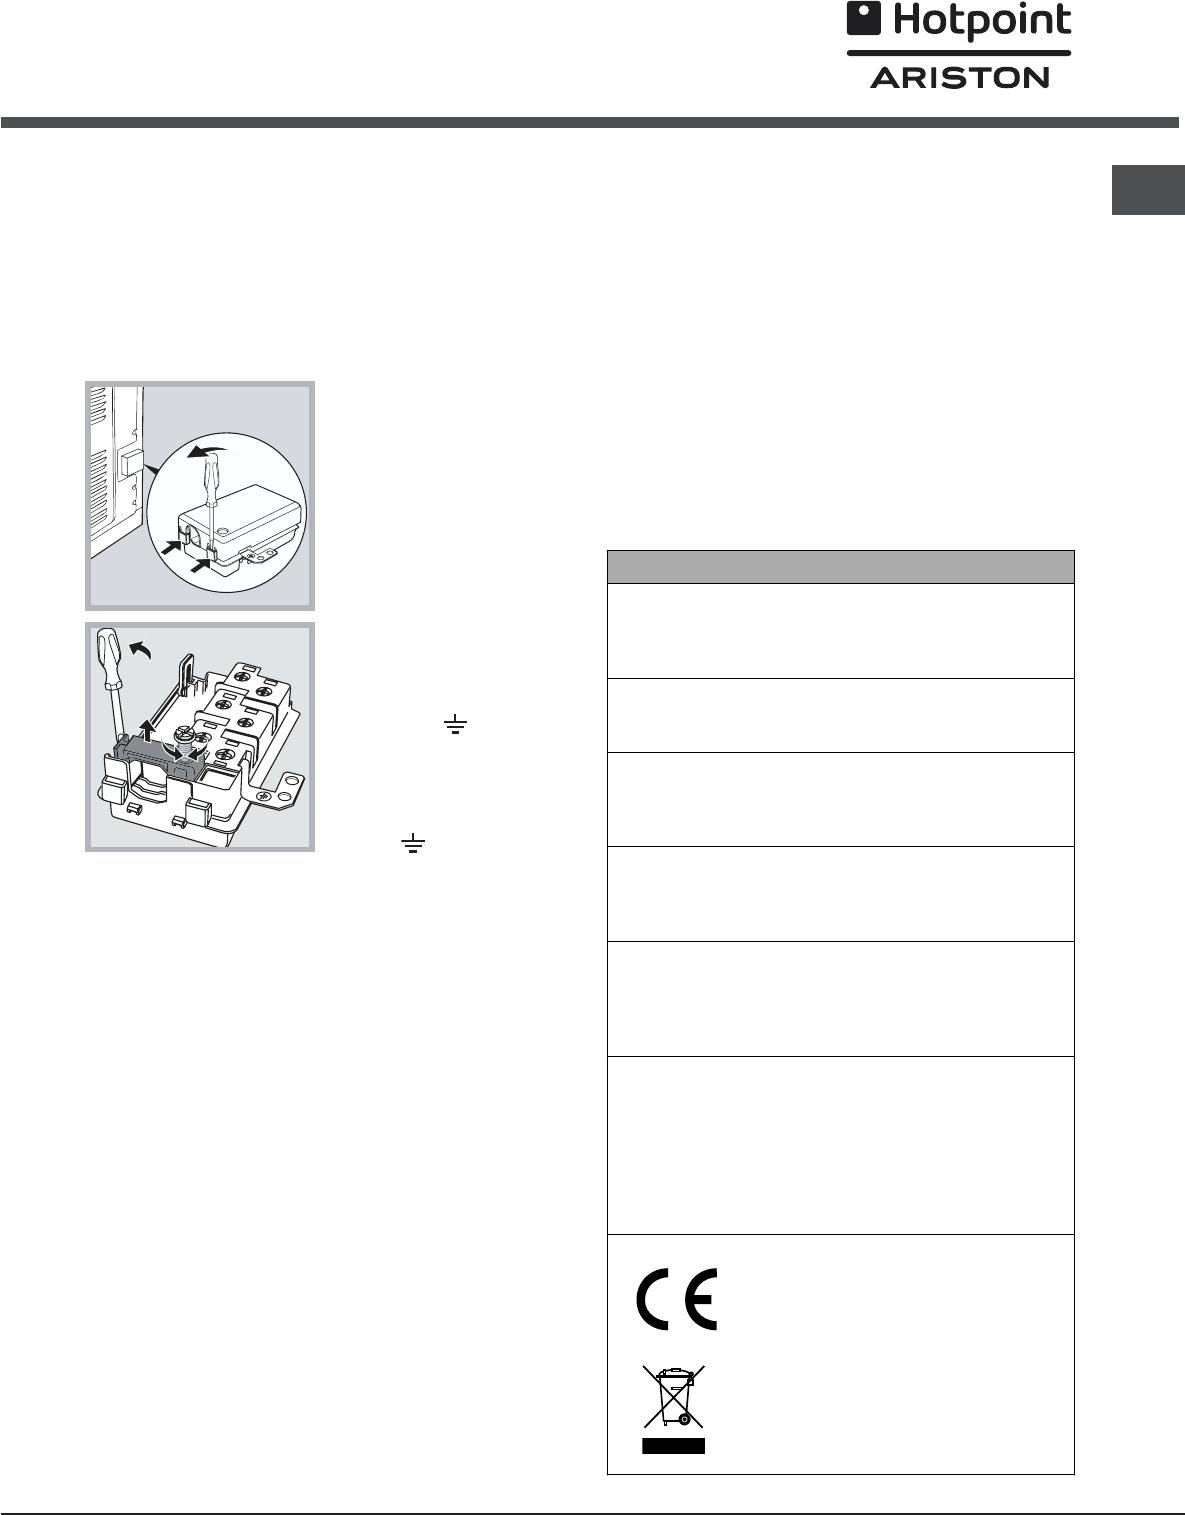 Bedienungsanleitung Hotpoint Ariston Fb 21 A 2 Ix Seite 70 Von 72